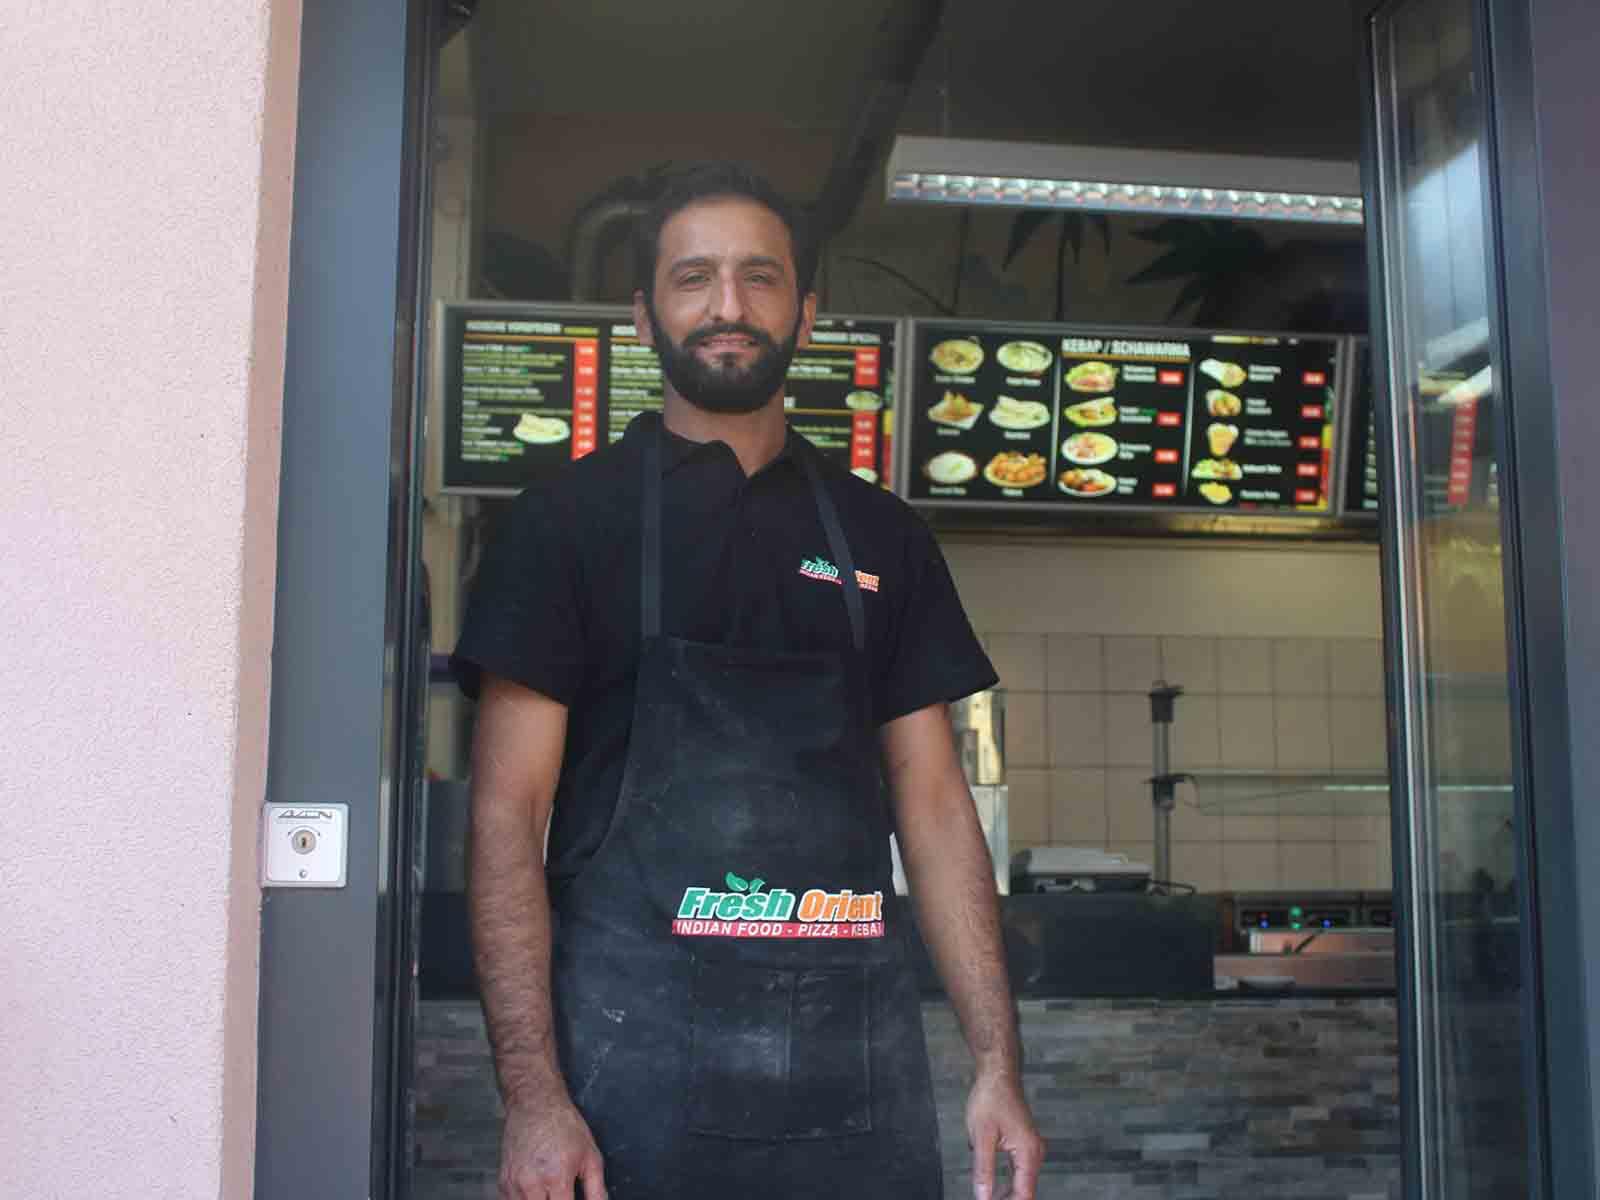 Die Selbstständigkeit bedeutet für Inam ur Rehman harte Arbeit, ist aber auch sehr erfüllend.